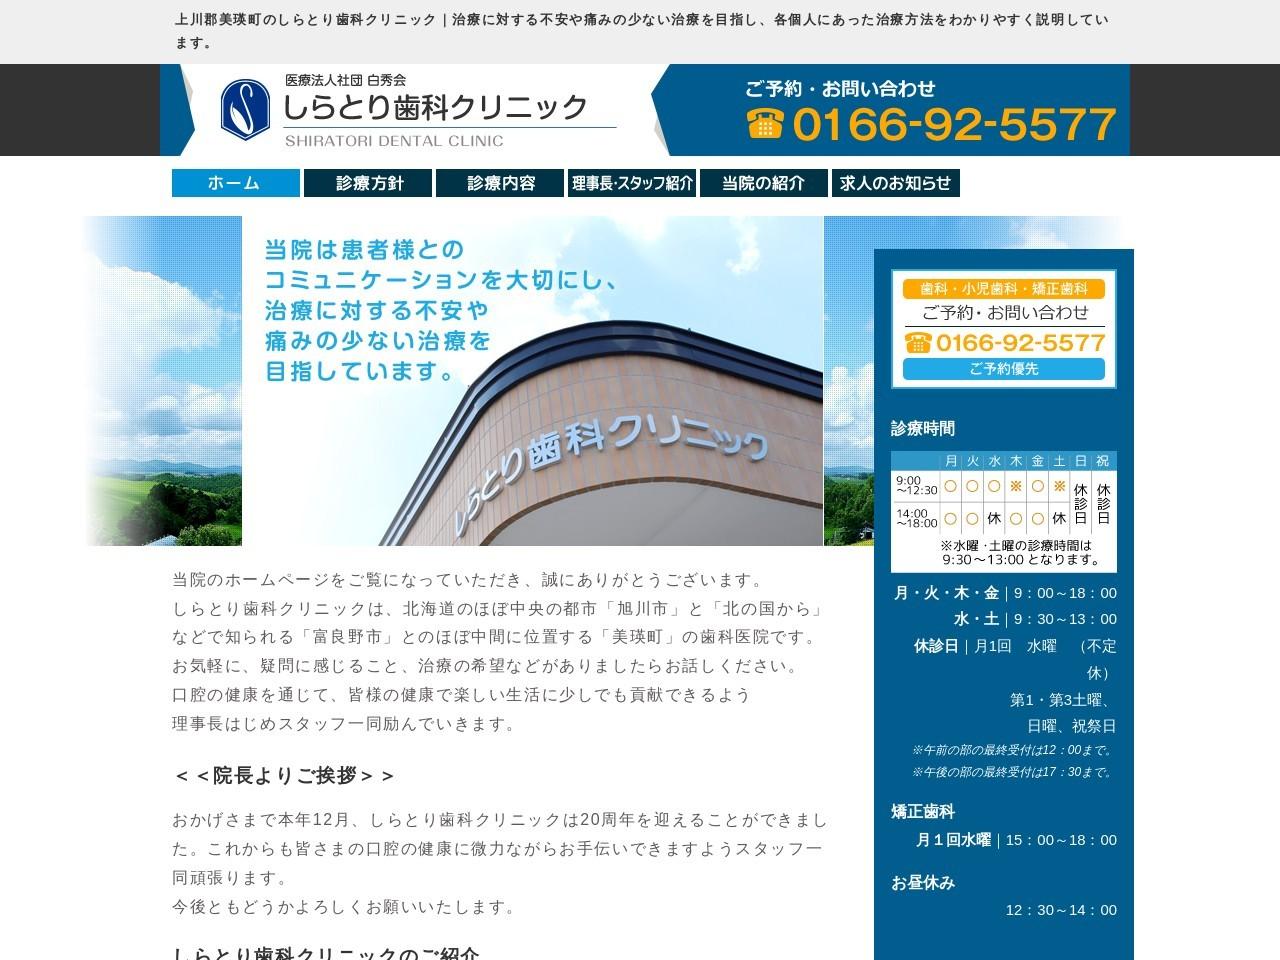 しらとり歯科クリニック (北海道上川郡美瑛町)